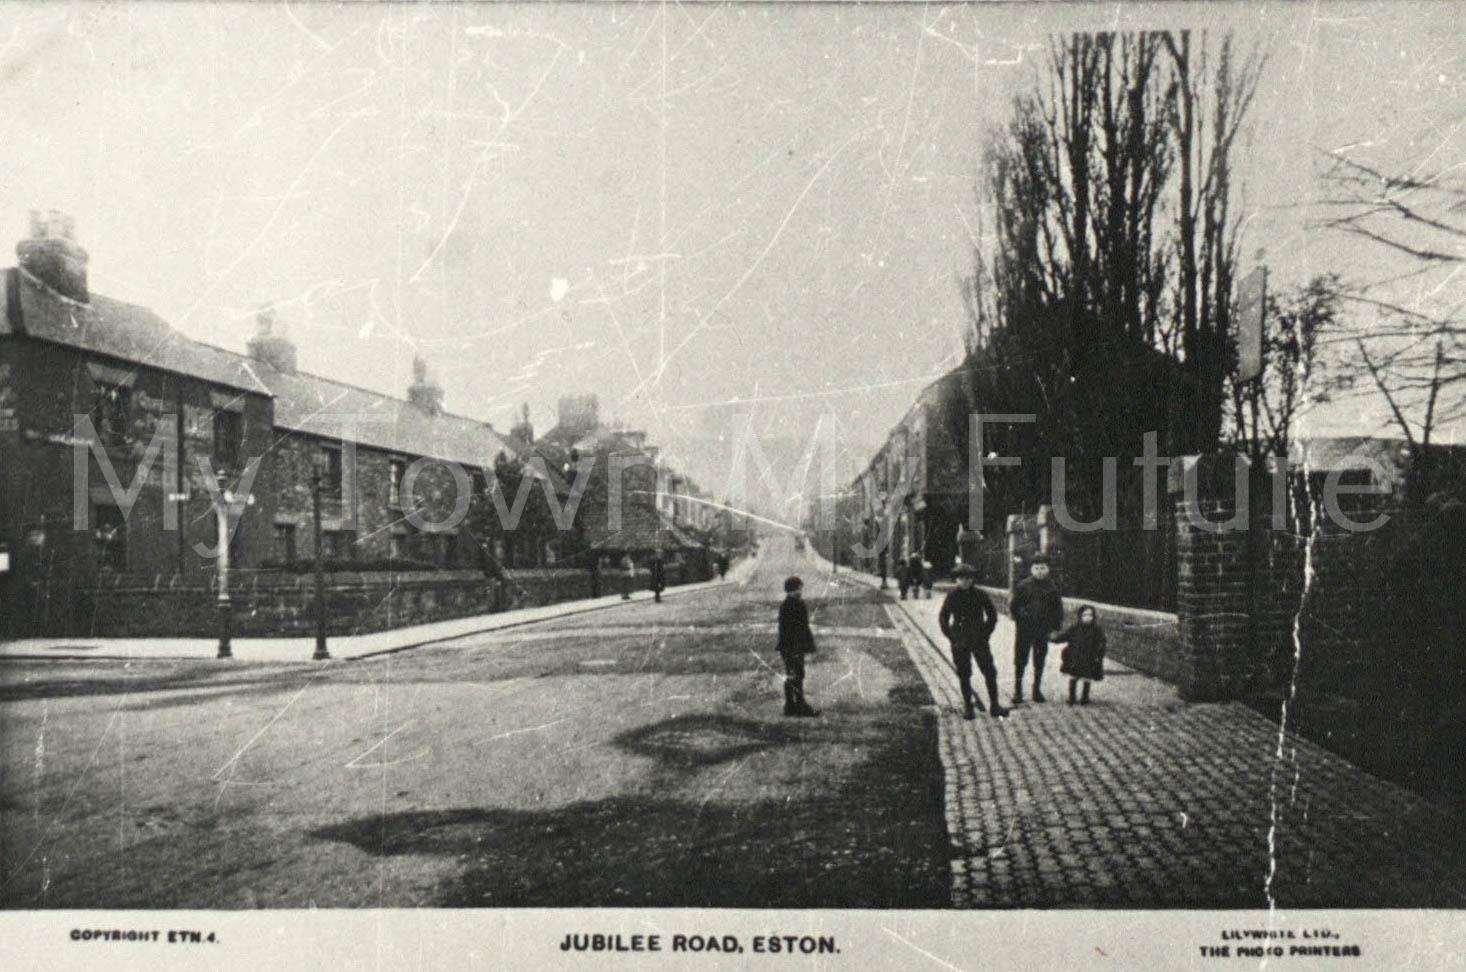 Eston,Jubilee Road